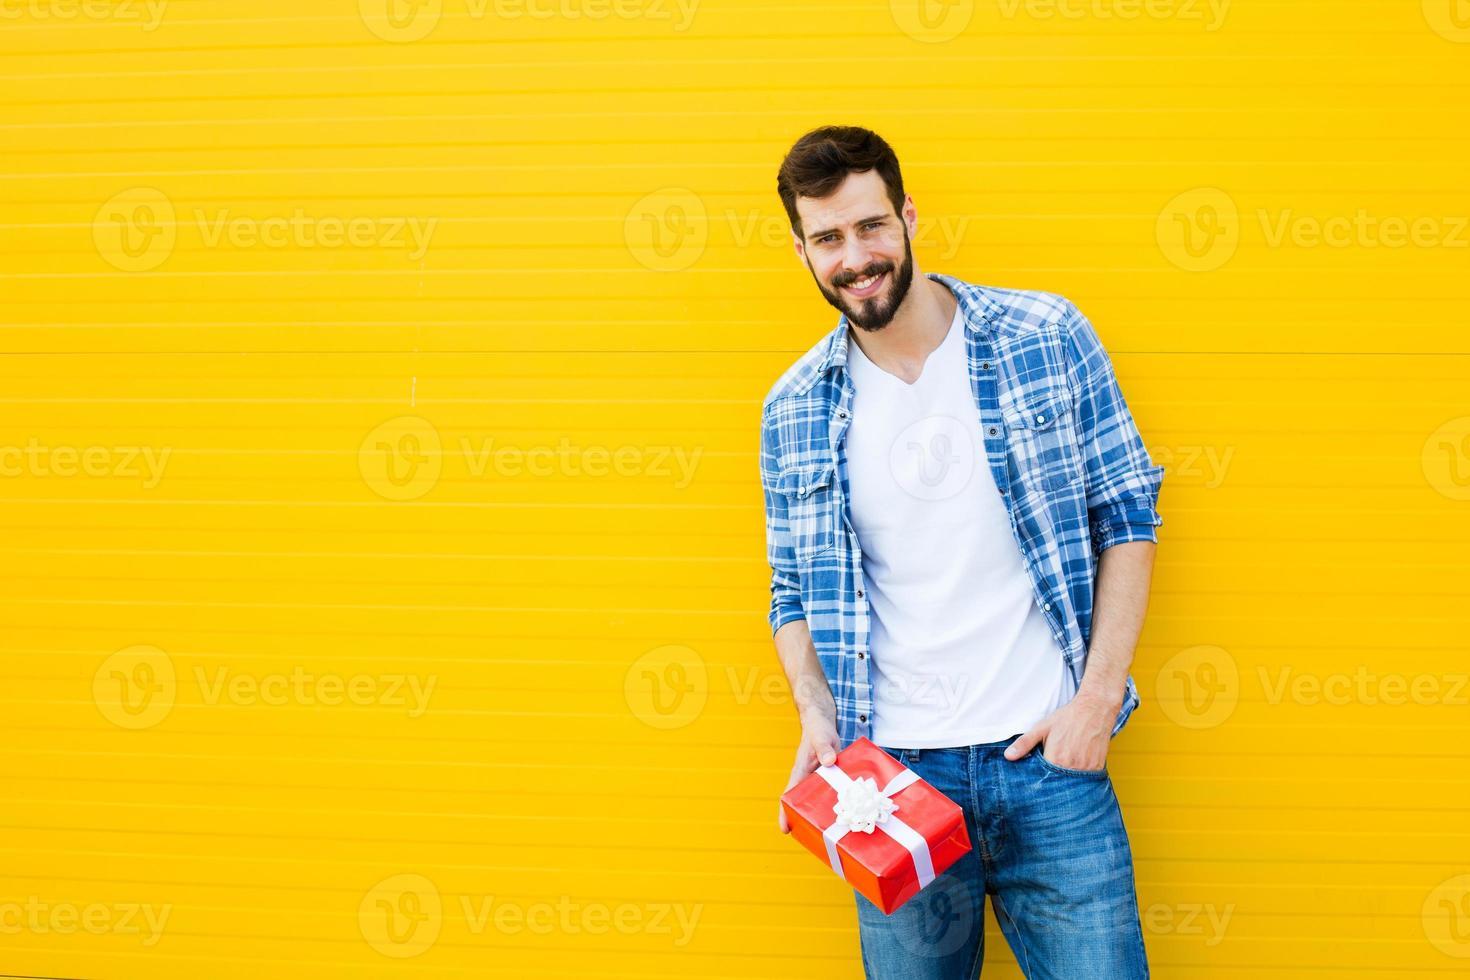 erwachsener Mann mit rotem Geschenk, Geschenk foto